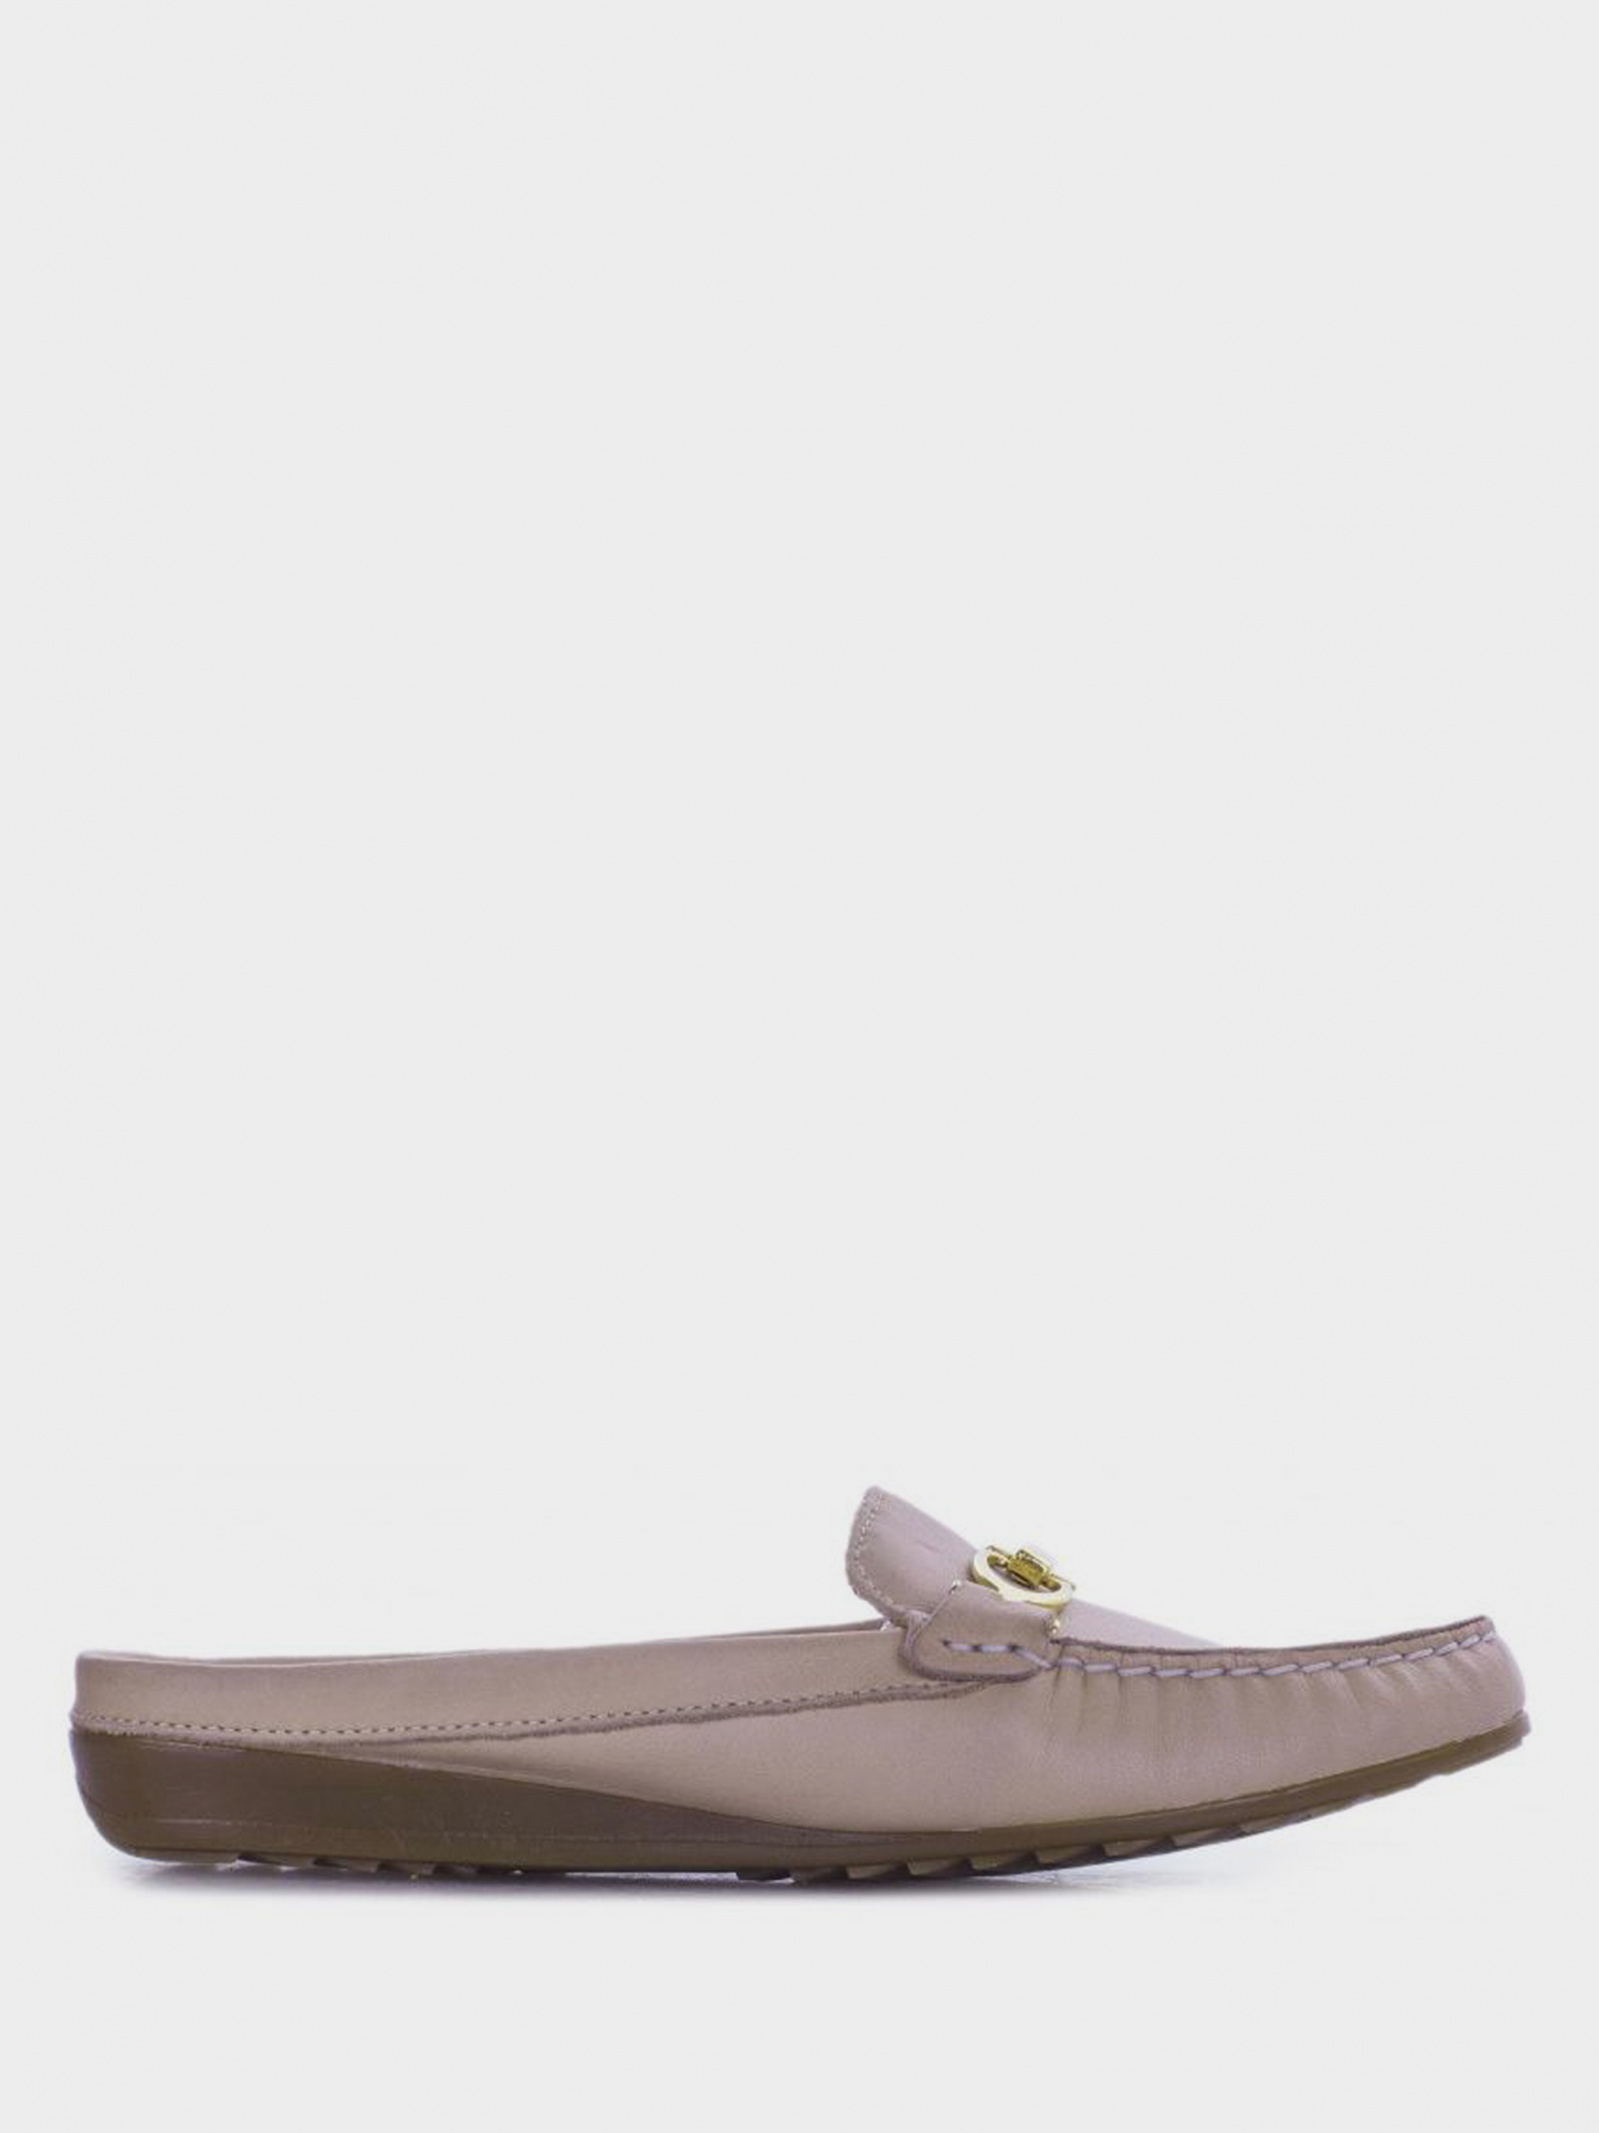 Шльопанці  для жінок Filipe Shoes шльопанці жін. (36-41) 10592-7591 взуття бренду, 2017